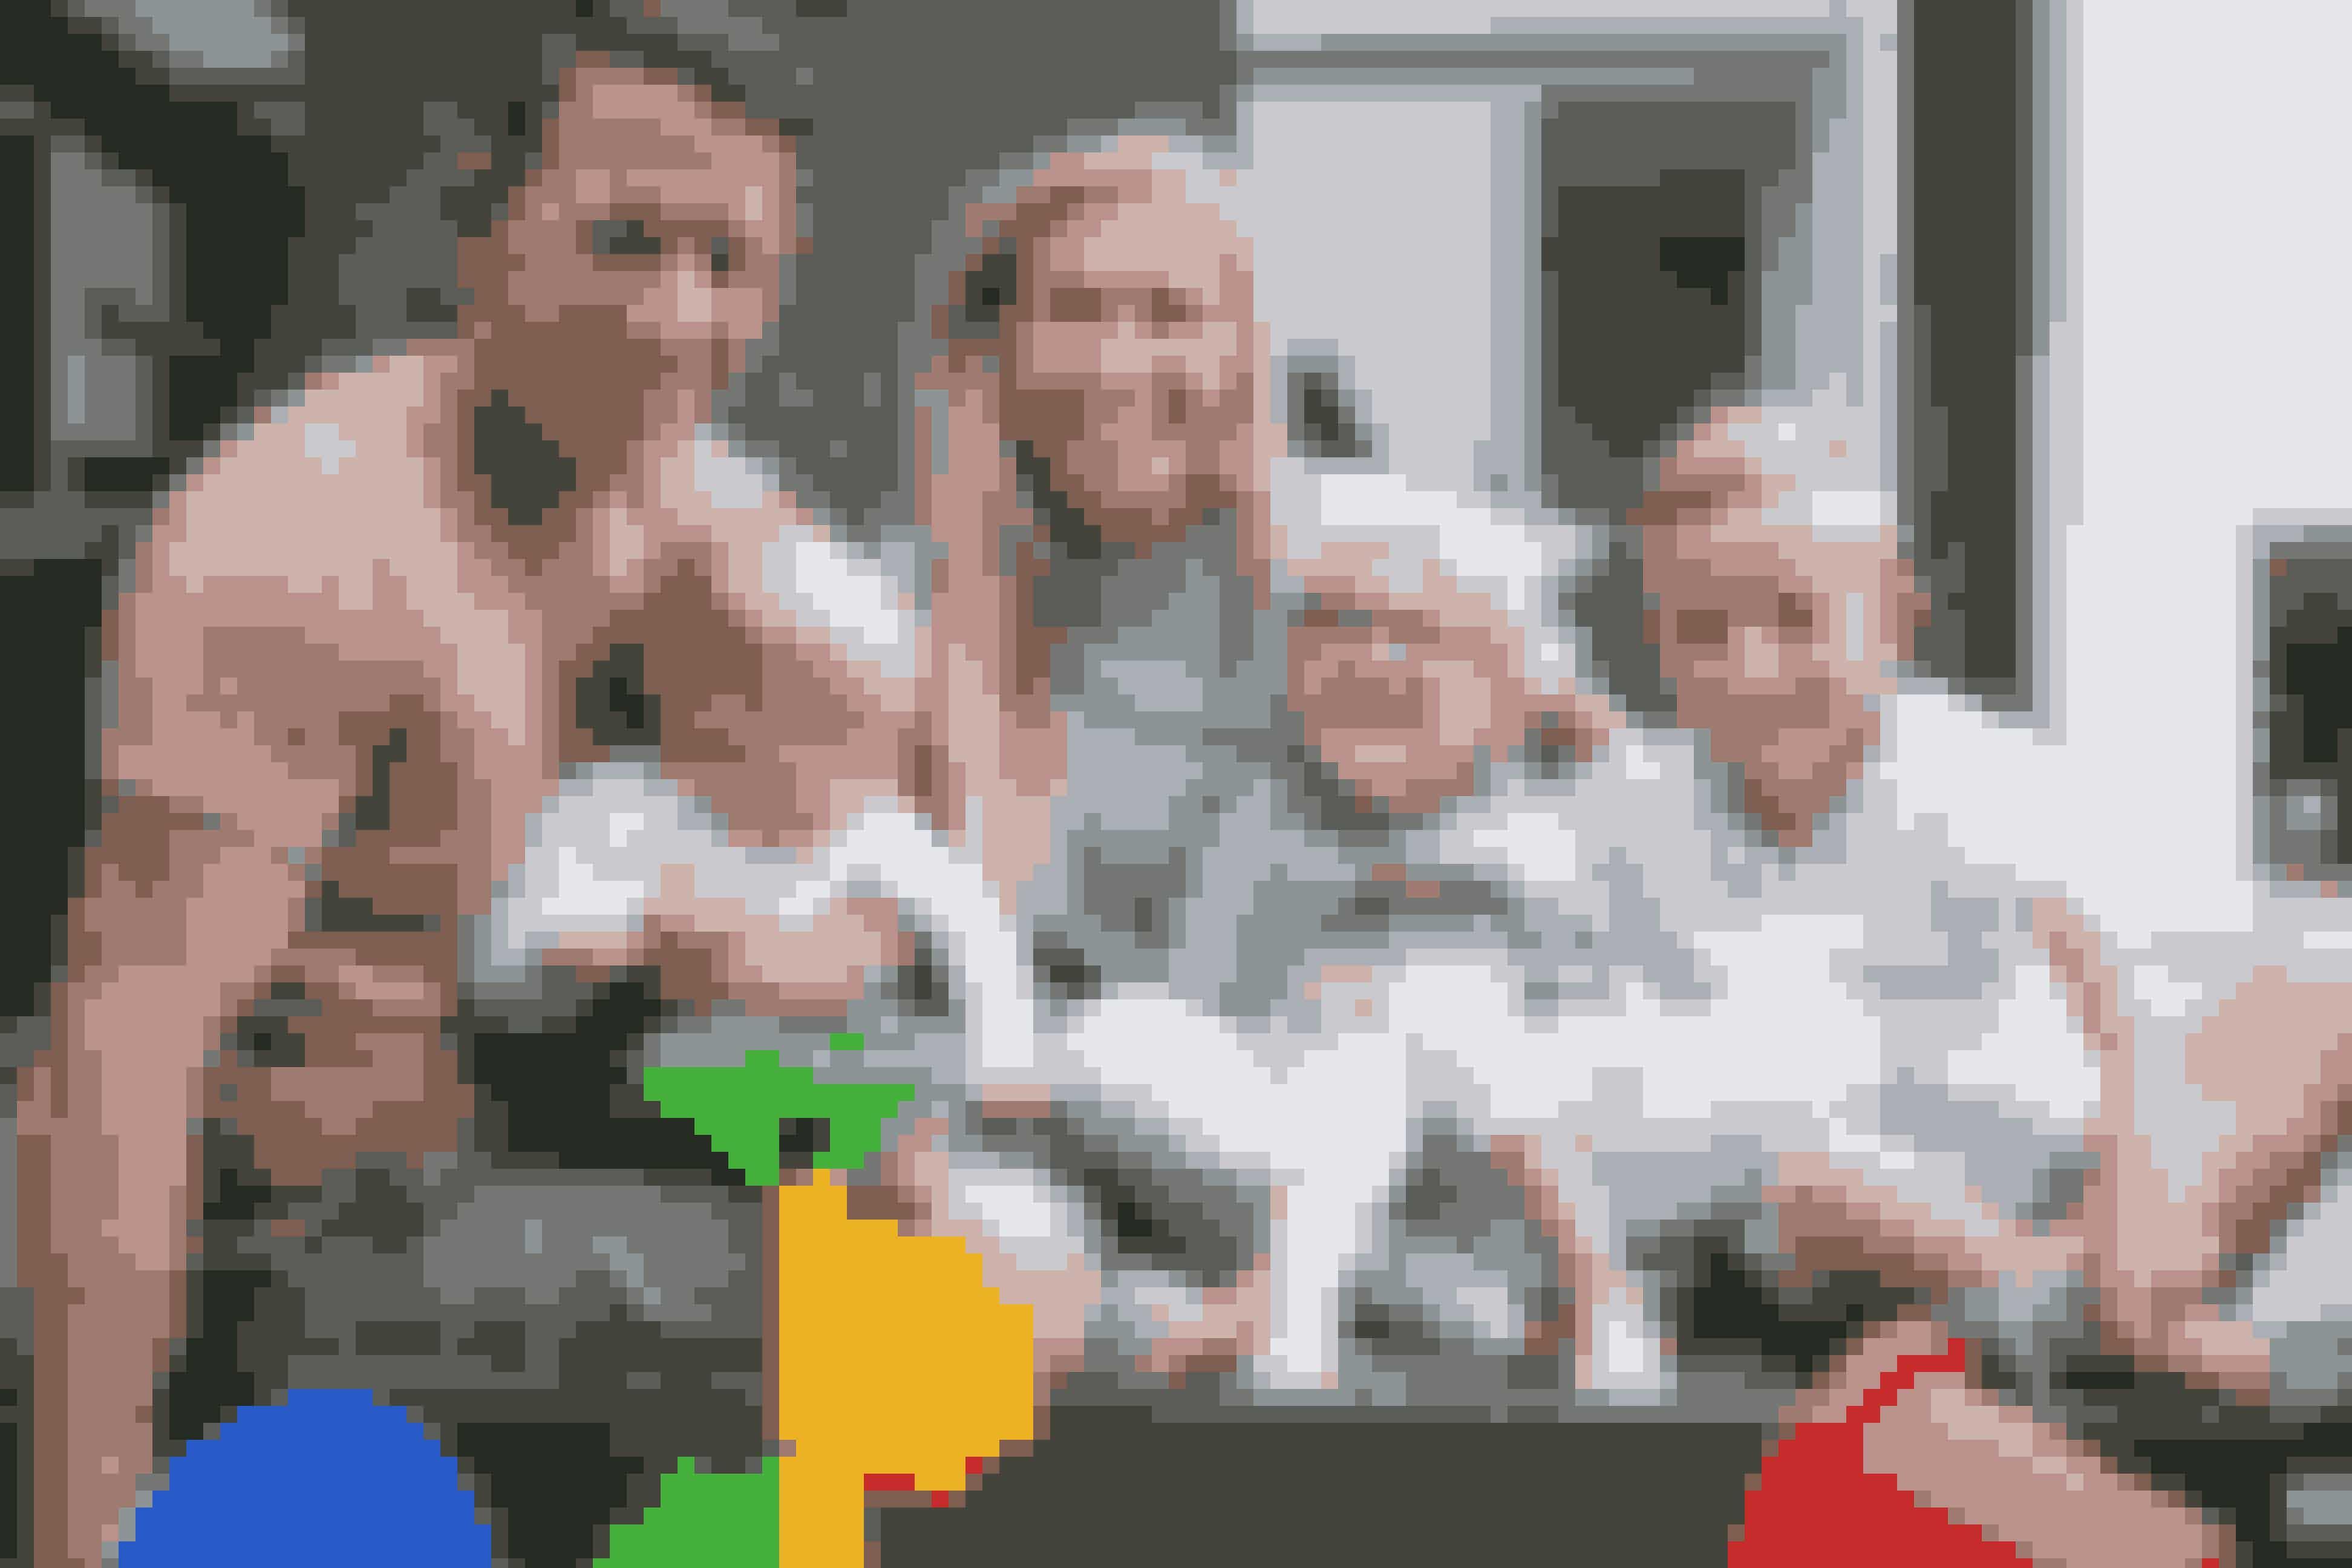 Gitte Møller bor i Hvidovre med sin mand og tre børn. Det mellemste barn, Julie på fire år, er spastisk lammet i benene, men Gitte gør alt for at datteren skal komme på benene og få den bevægelsesfrihed, hun fortjener. Ifølge manden Jesper Kroggaard Møller er hans kone af en helt særlig støbning - ja, nærmest en superhelt - som ikke bare formår at tage hverdagen på sine skuldre, men også kæmpe en kamp af de store for deres datter.Læs historien her >>